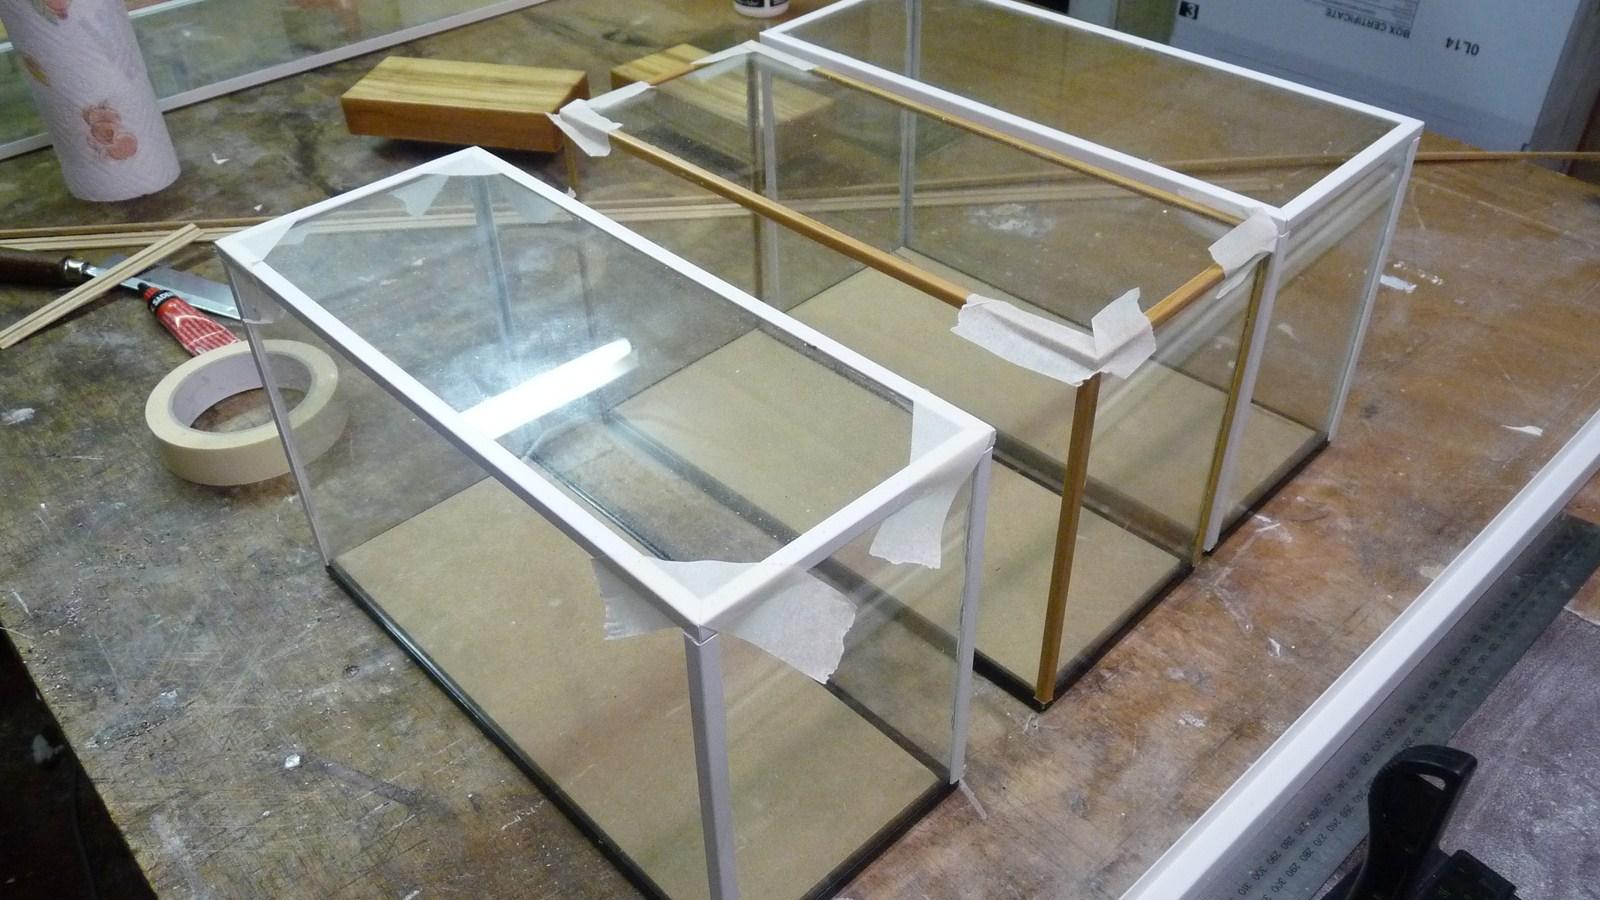 fabriquer une vitrine - Fabriquer ses propres vitrines en verre 17071907270723134915156557